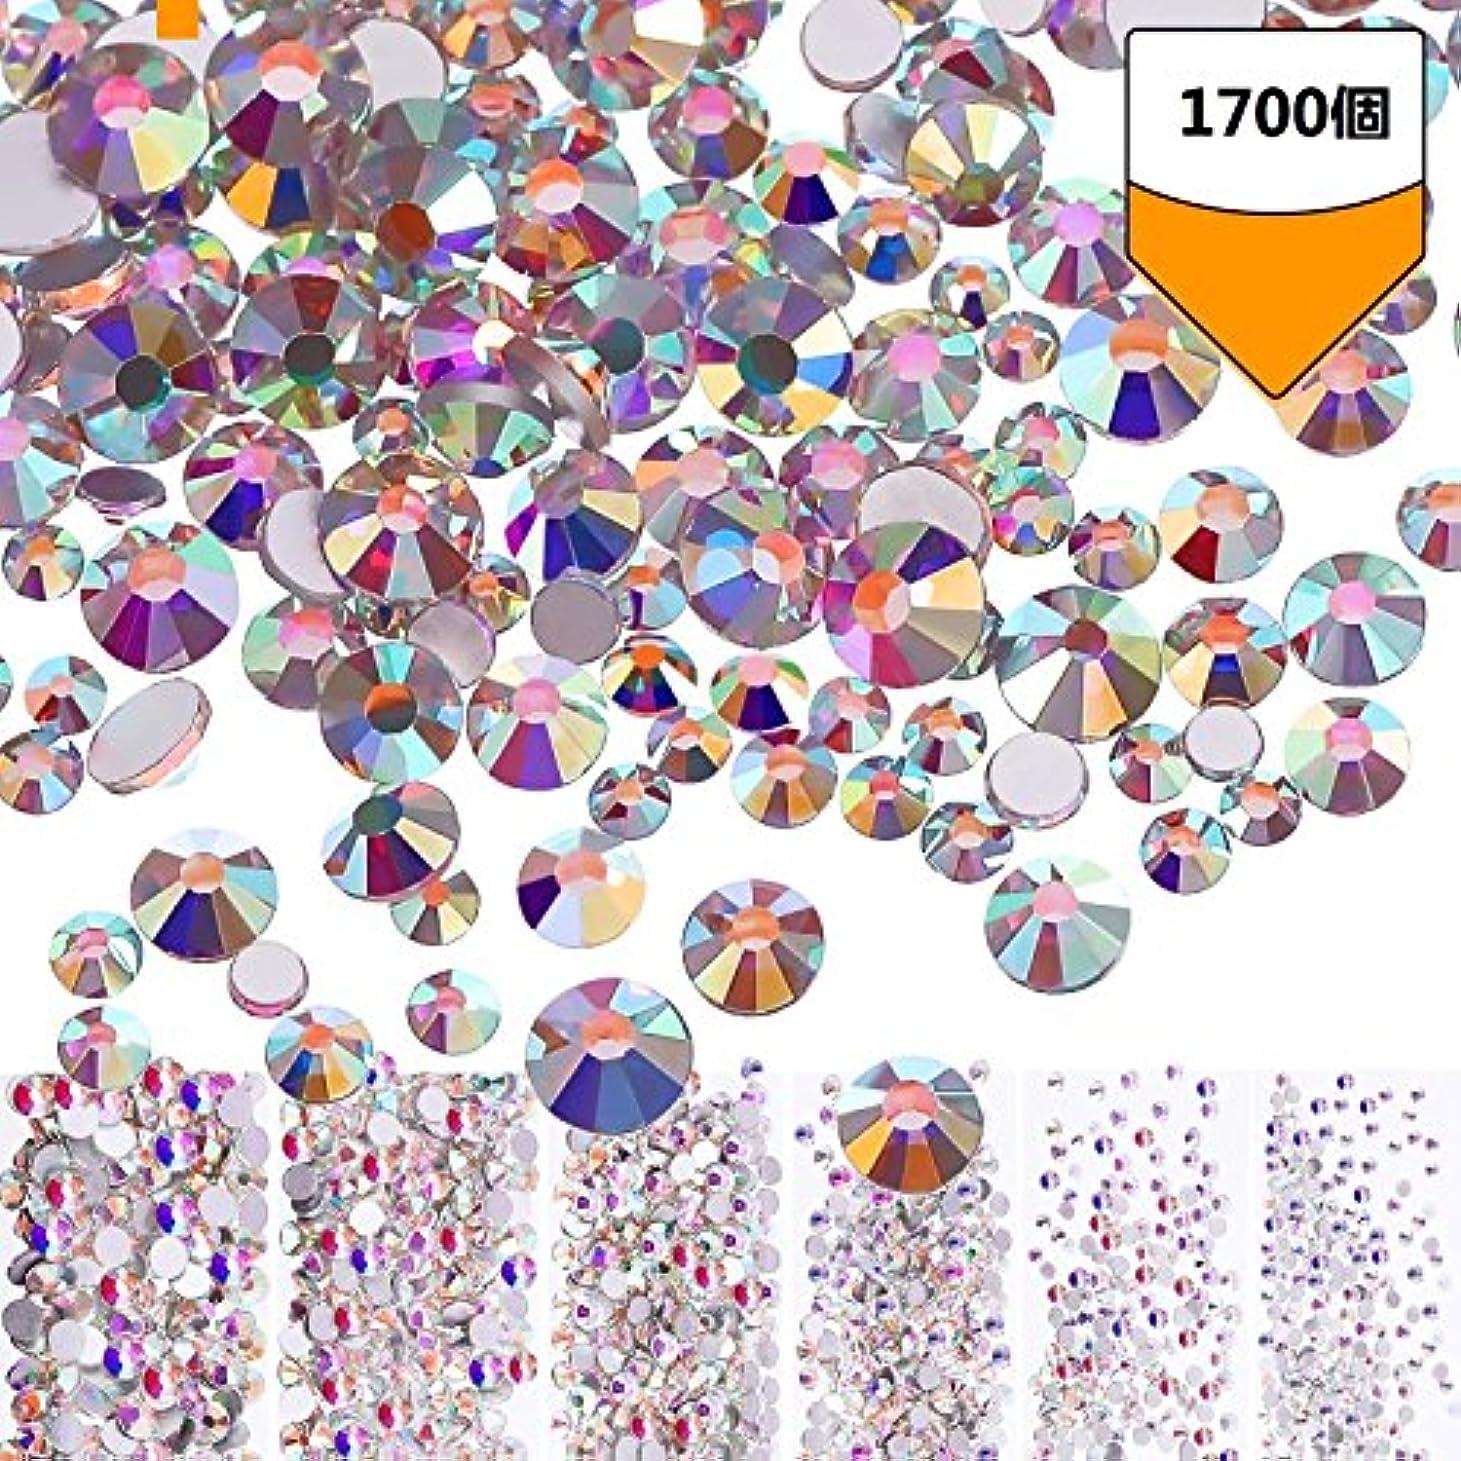 タッチアデレード磁石ラインストーン ネイル デコ ガラスストーン クリスタル 改良 高品質ガラス製ラインストーン(1.6mm-3mm 約1700粒)